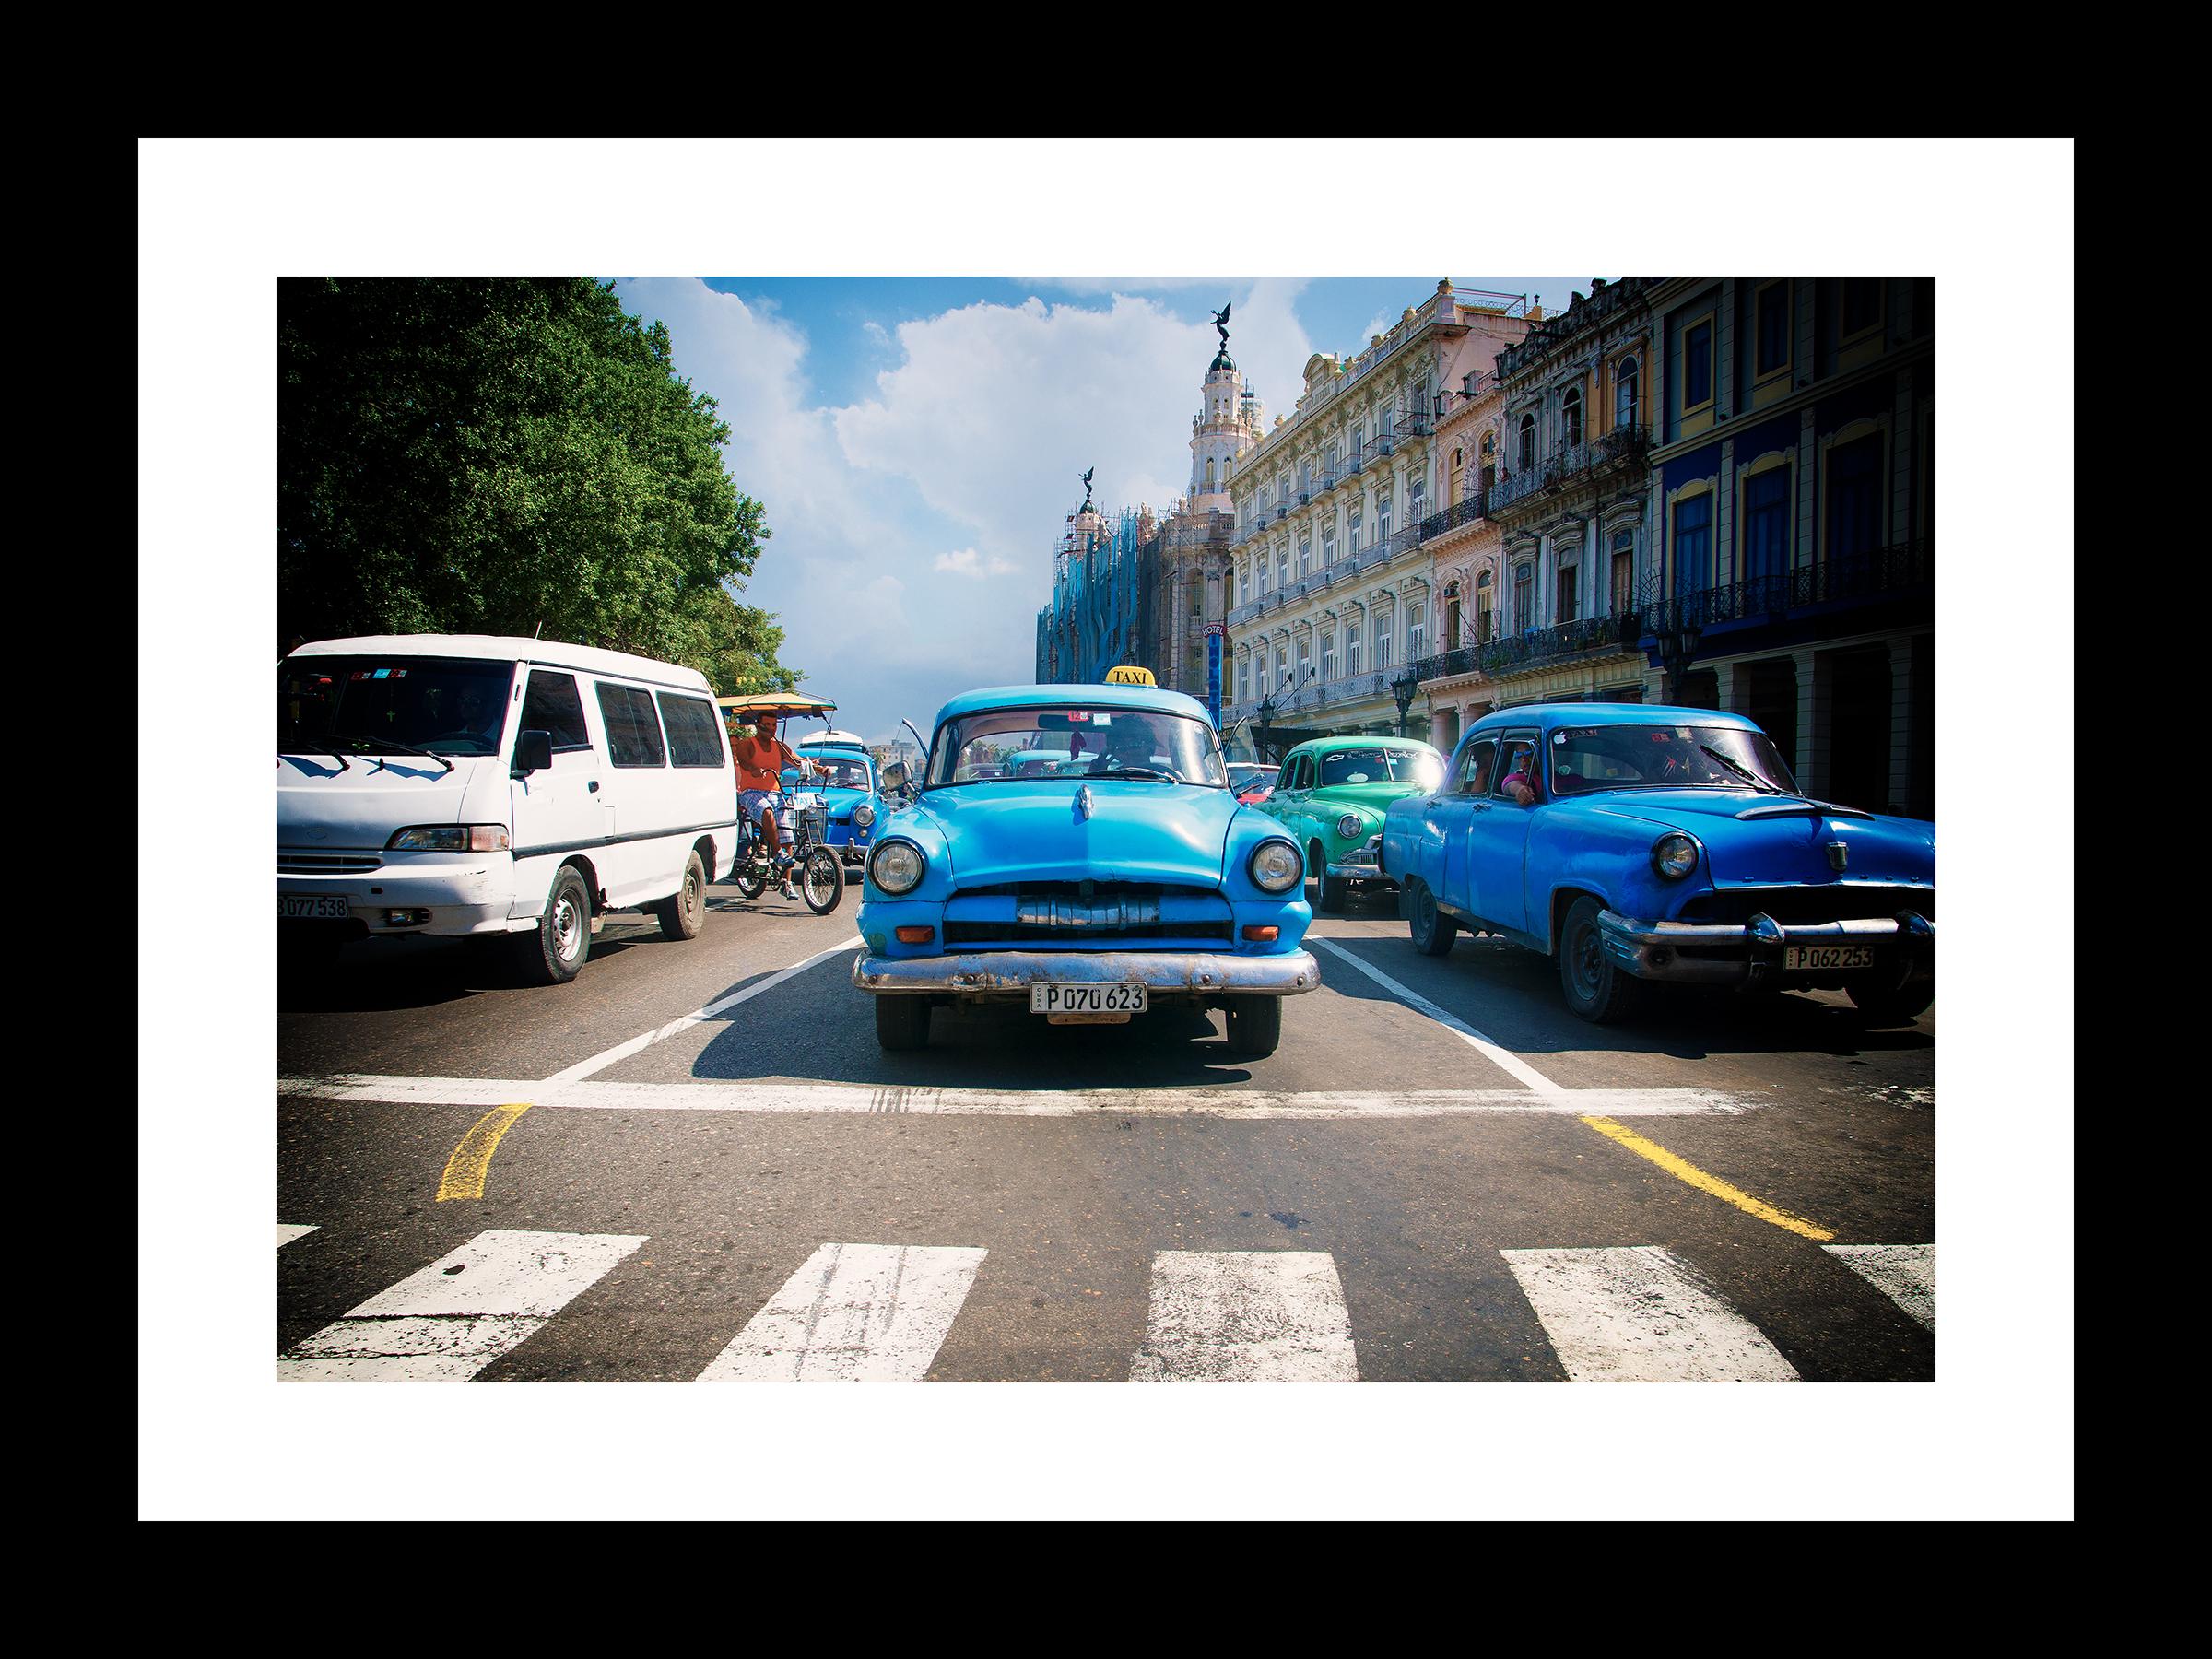 Dreamland taxi service | © preston lewis thomas